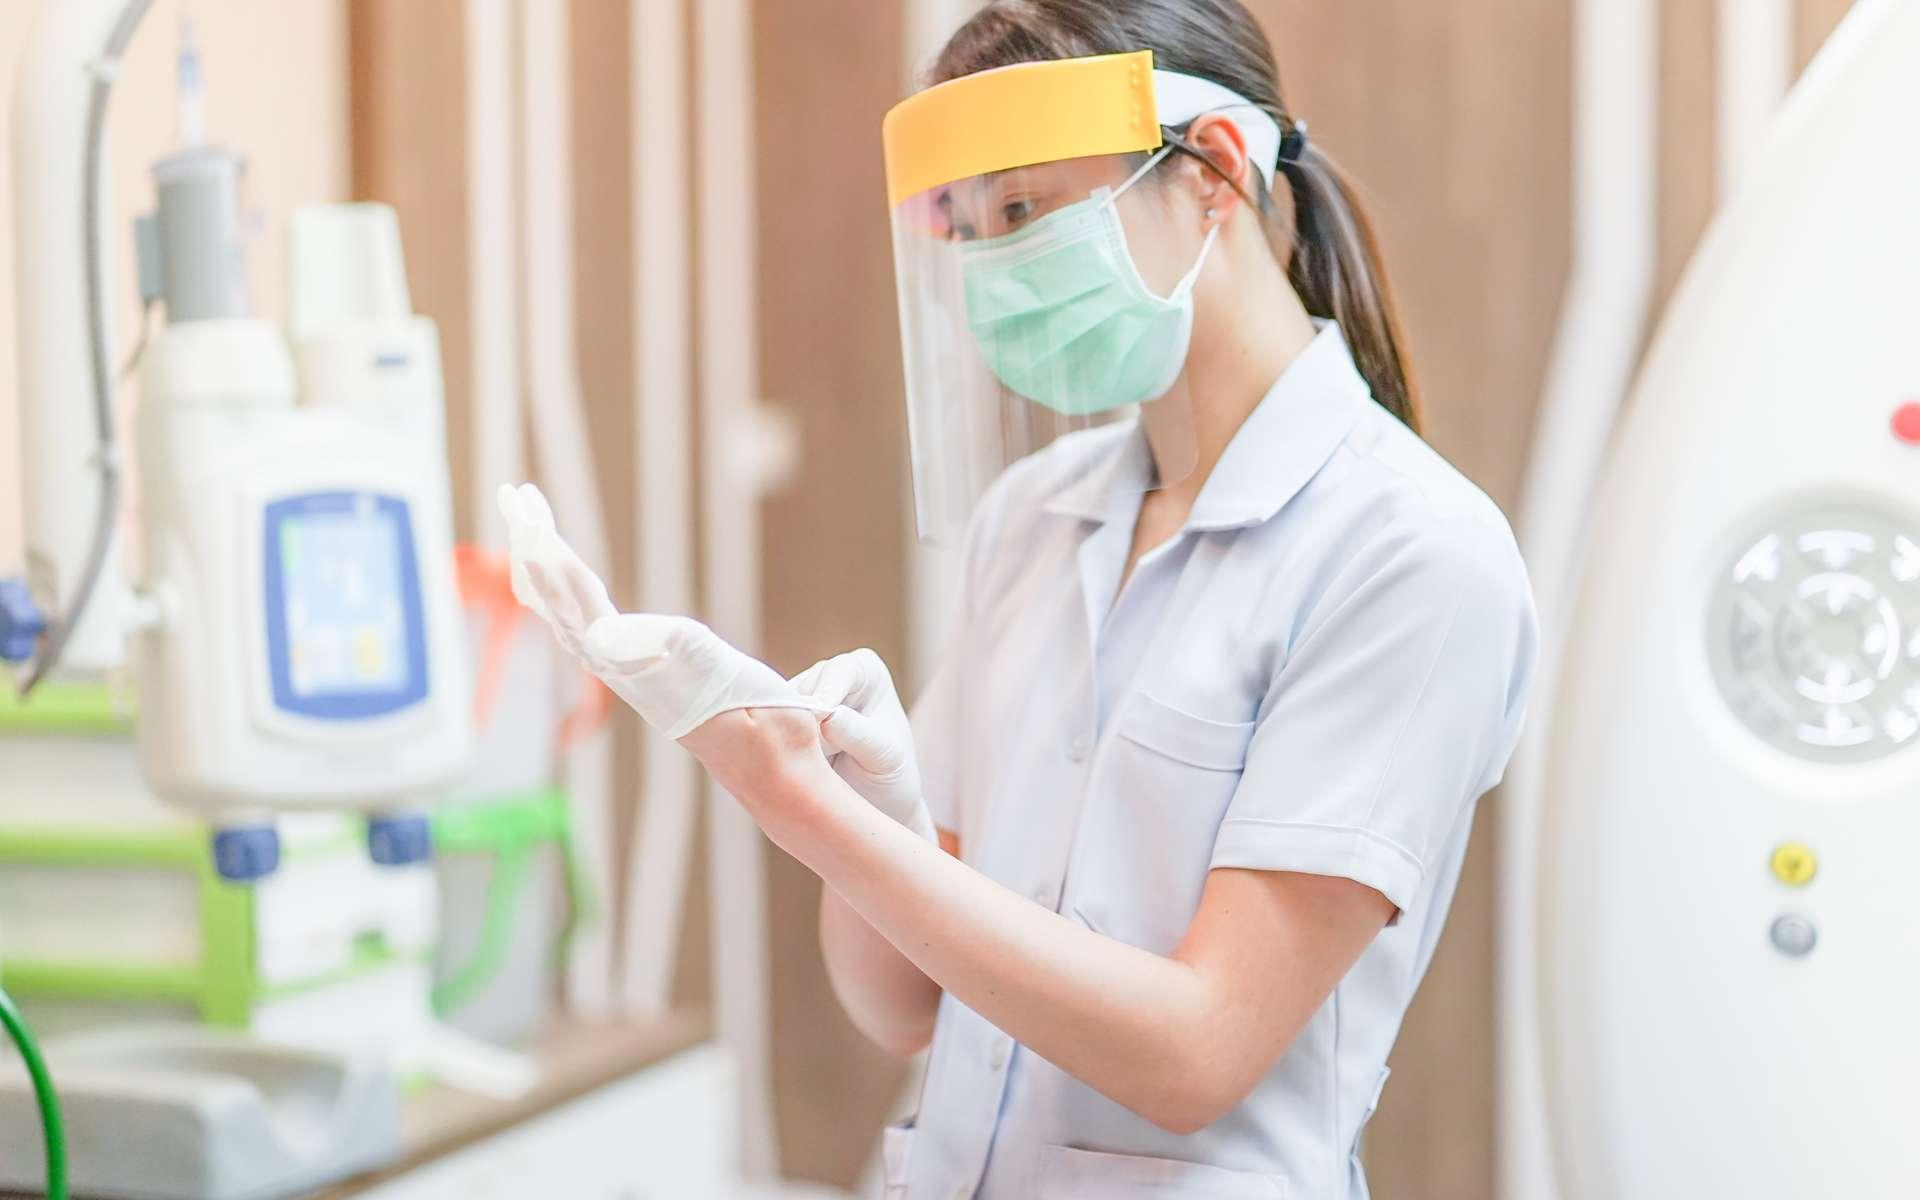 Les gants, le masque, la visière de protection sont des EPI portés par les professionnels de santé. © pangoasis, Adobe Stock